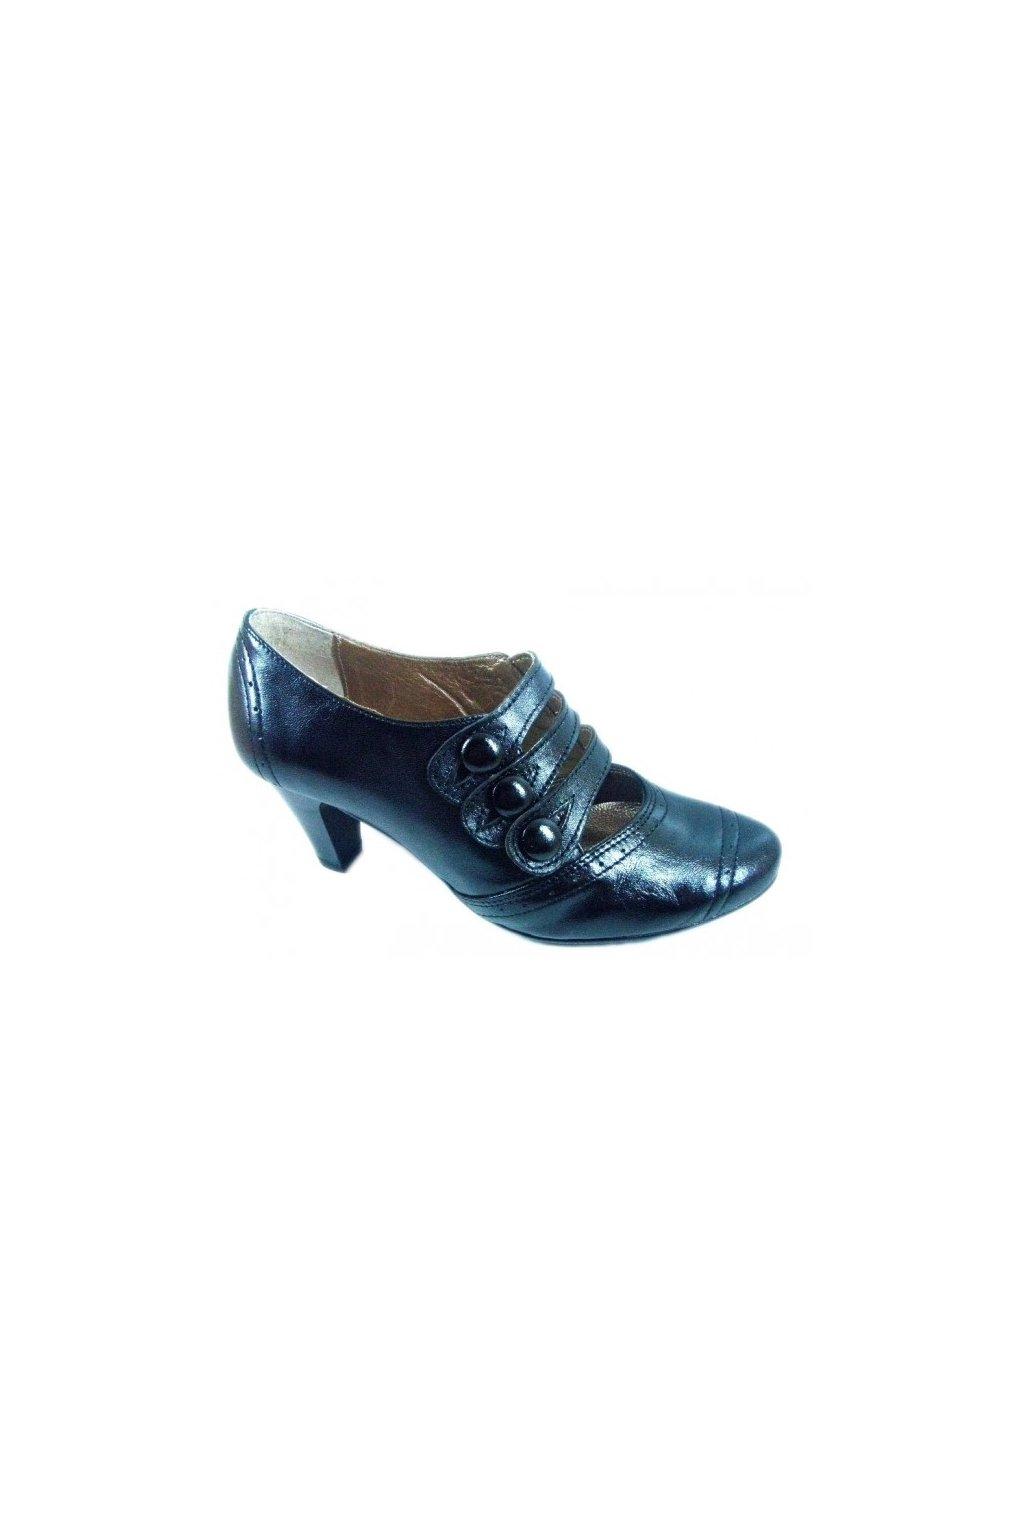 Podměrná dámská obuv Hujo J700/A